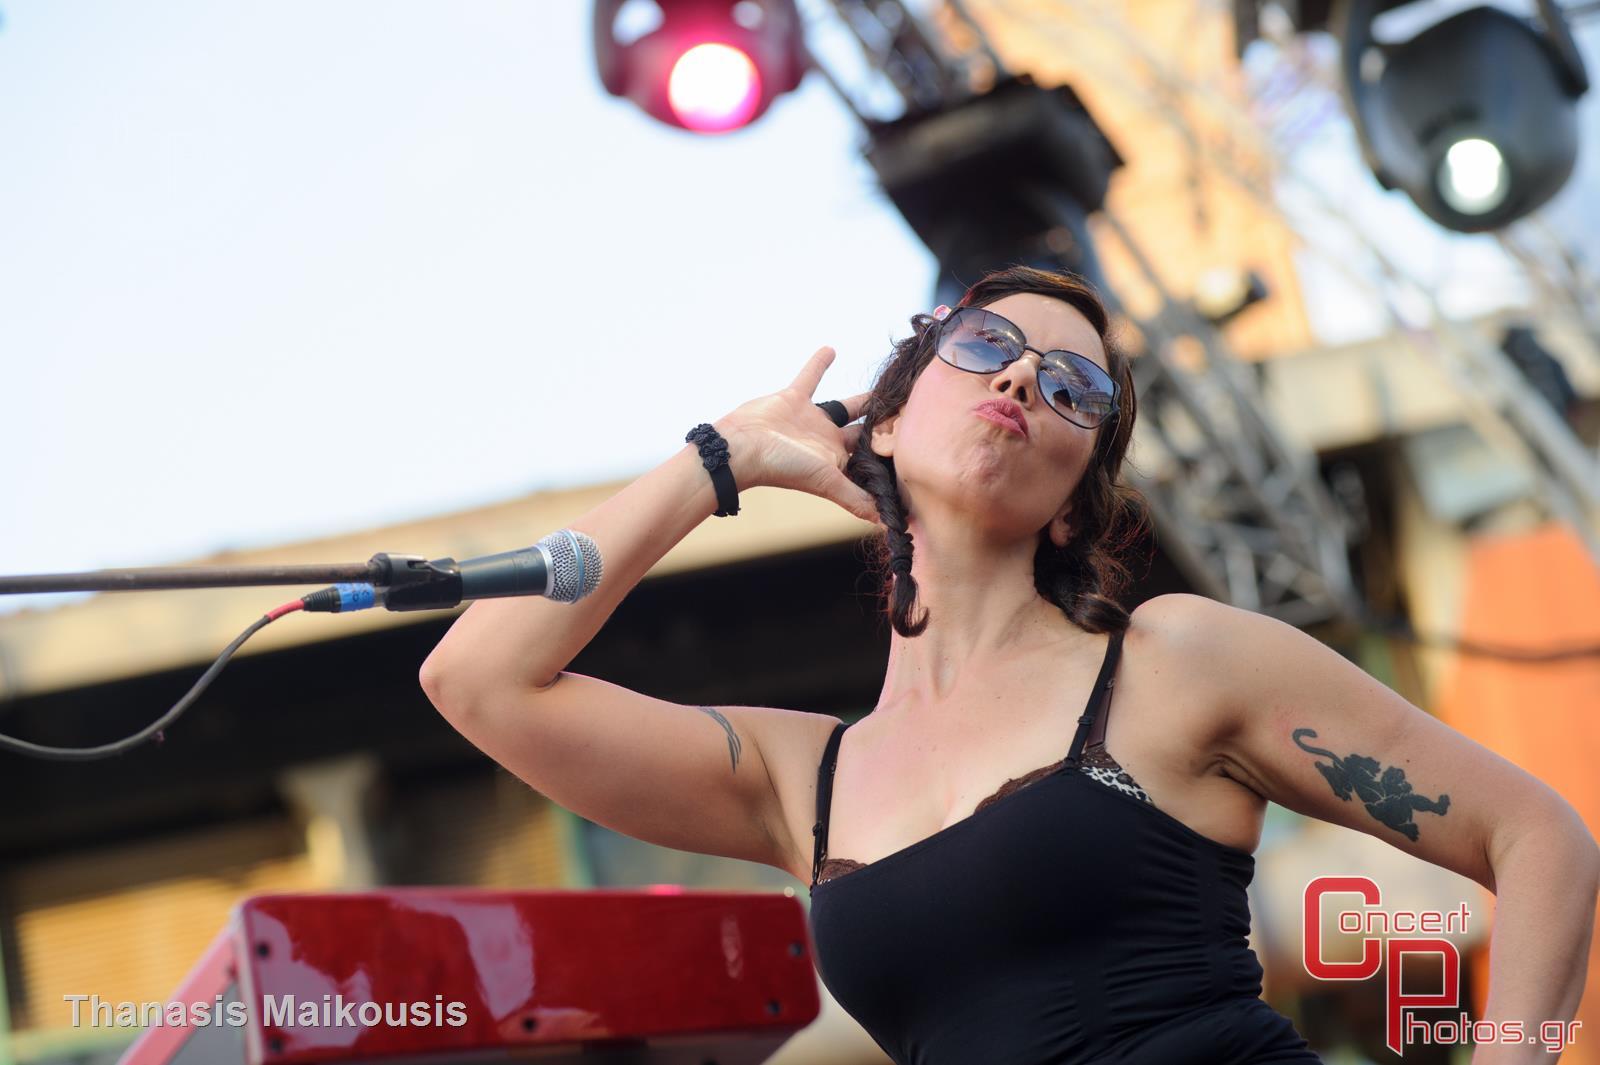 En Lefko 2014-En Lefko 2014 photographer: Thanasis Maikousis - concertphotos_20140621_20_00_52